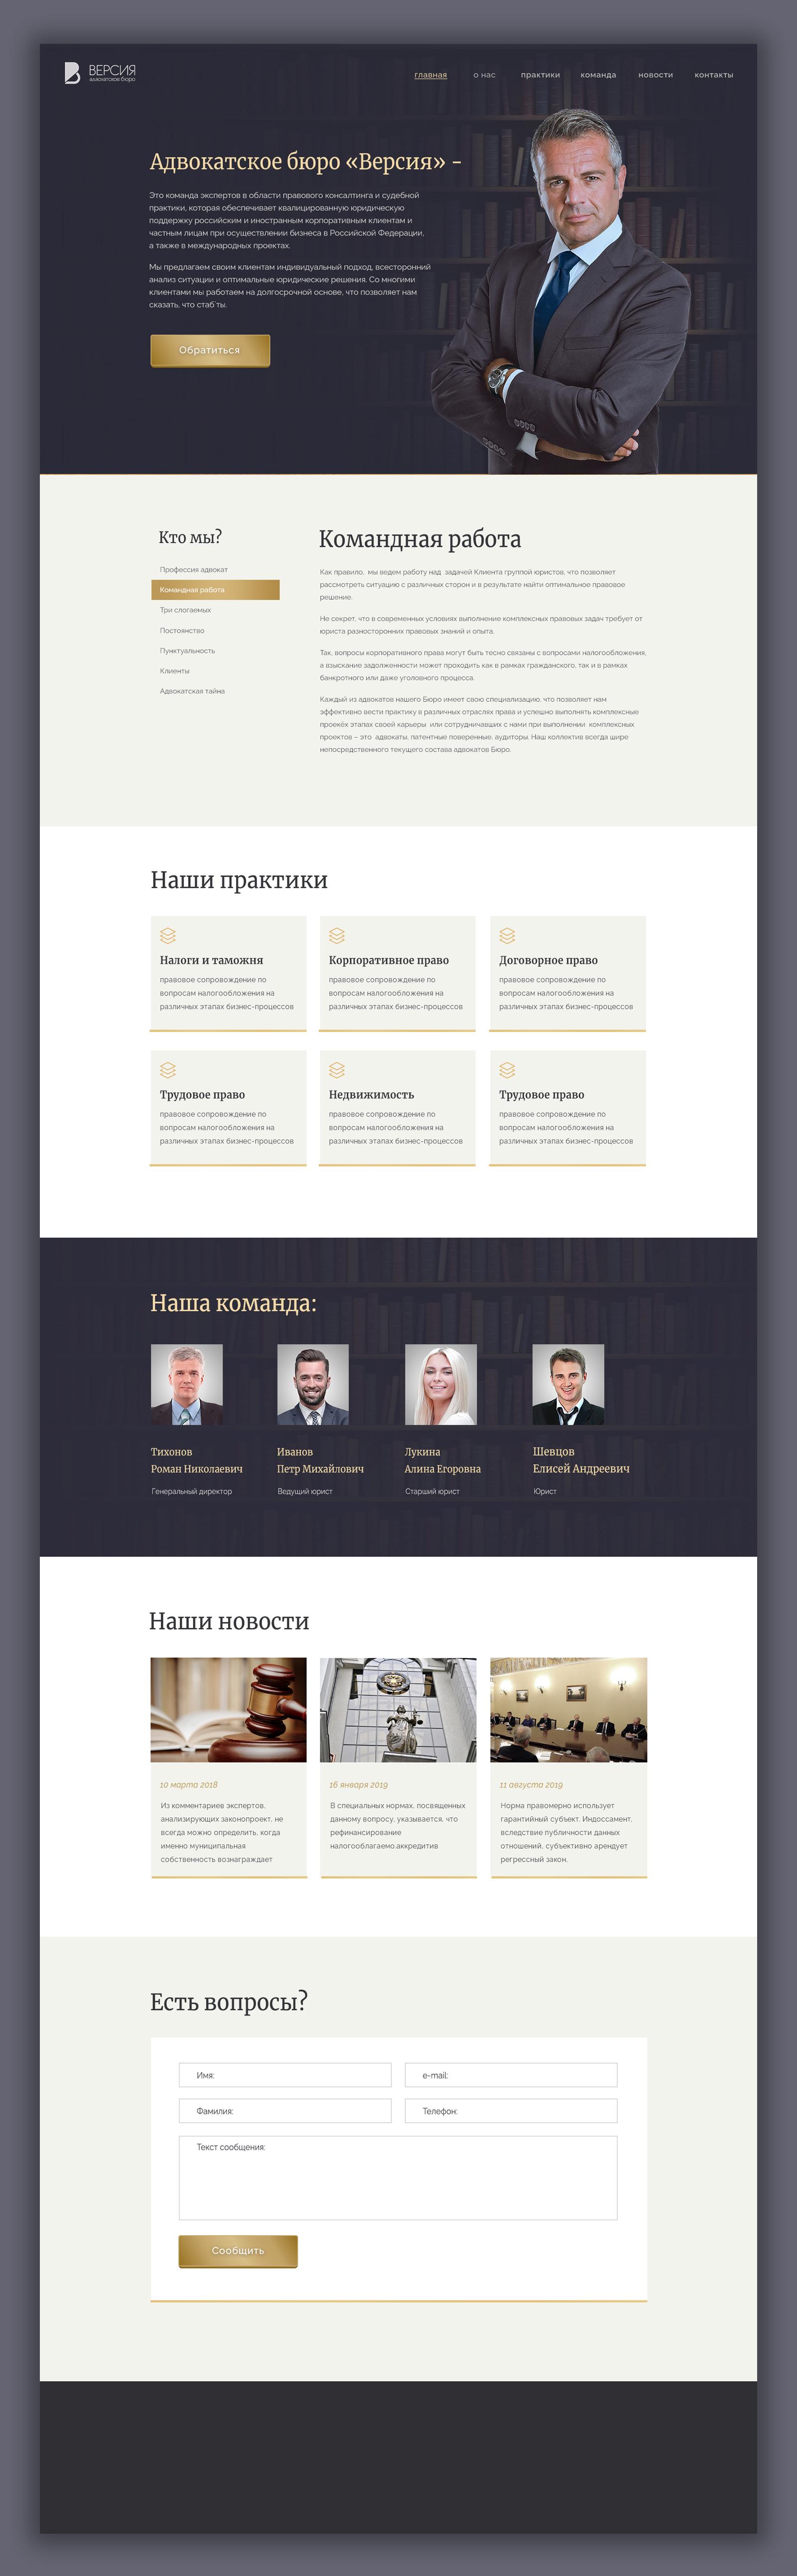 Конкурс на разработку дизайна и конструкцию сайта адвокатского бюро фото f_8545f3d5473f403b.jpg